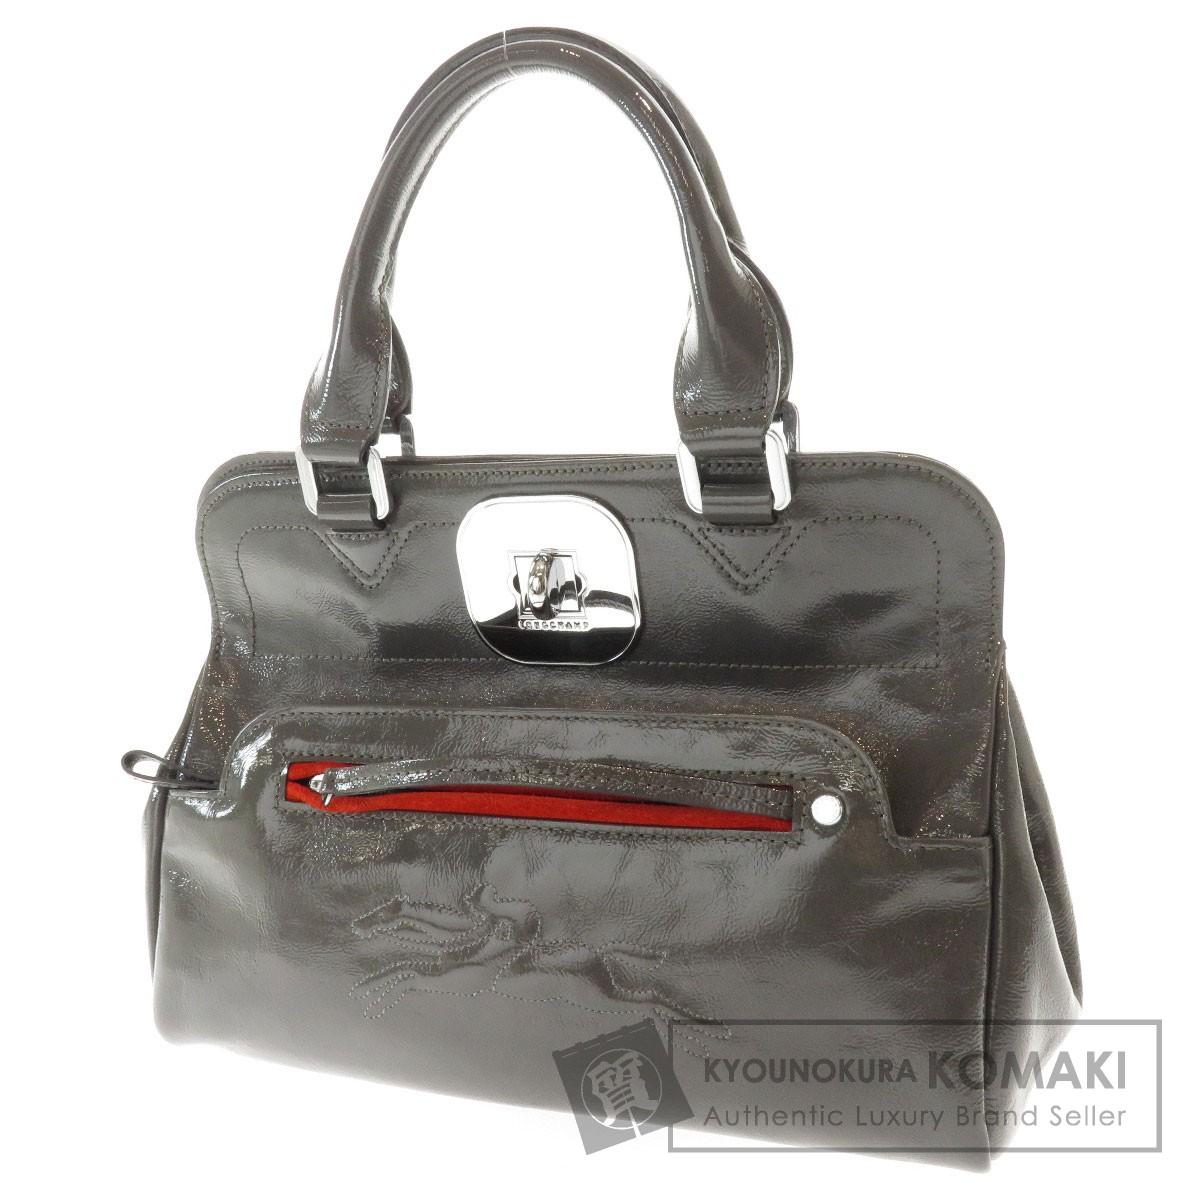 Longchamp 2WAY ハンドバッグ パテントレザー レディース 【中古】【ロンシャン】